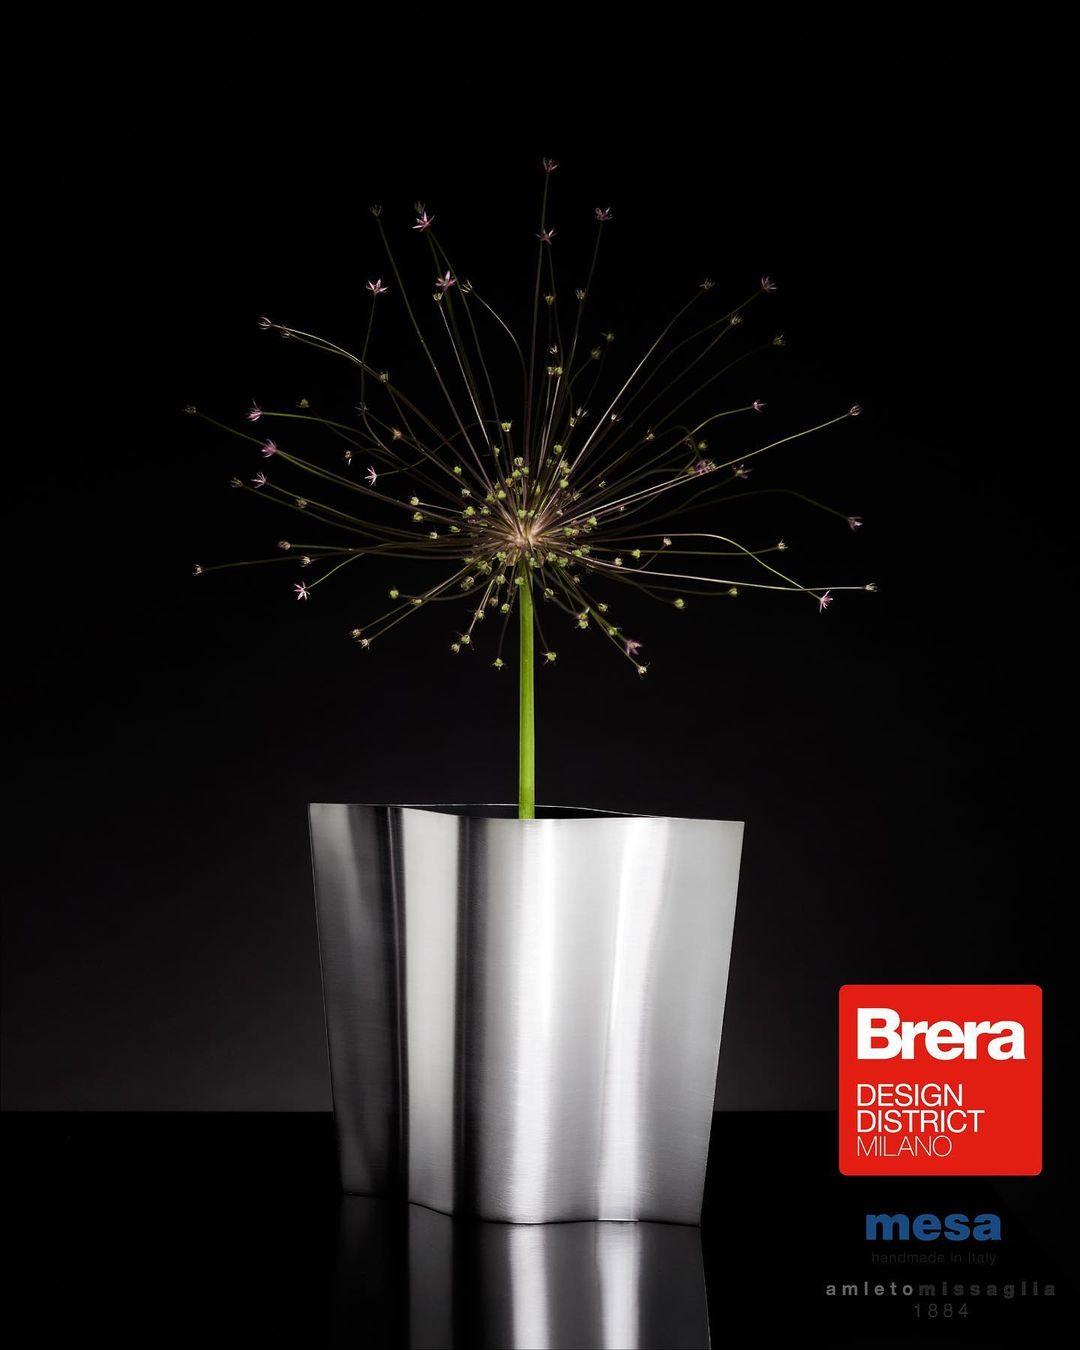 Un foglio d'argento crea la struttura del vaso Mesa della collezione Silverware presentata alla Milano Design Week 2021